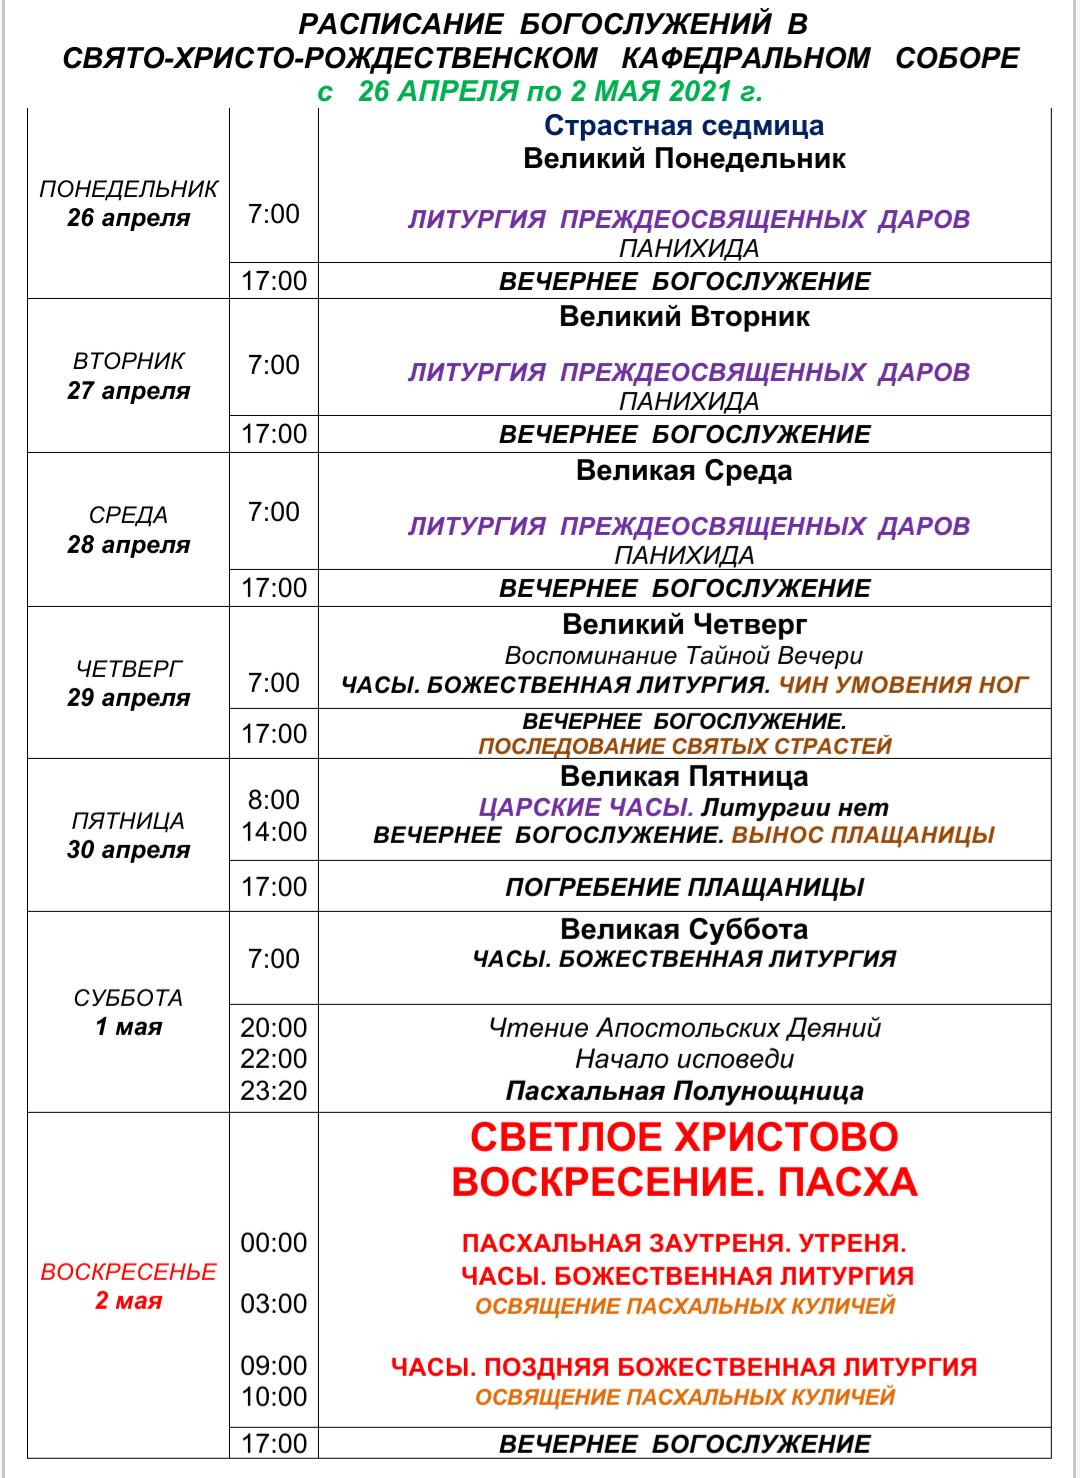 Расписание богослужений в Христо-Рождественском кафедральном соборе